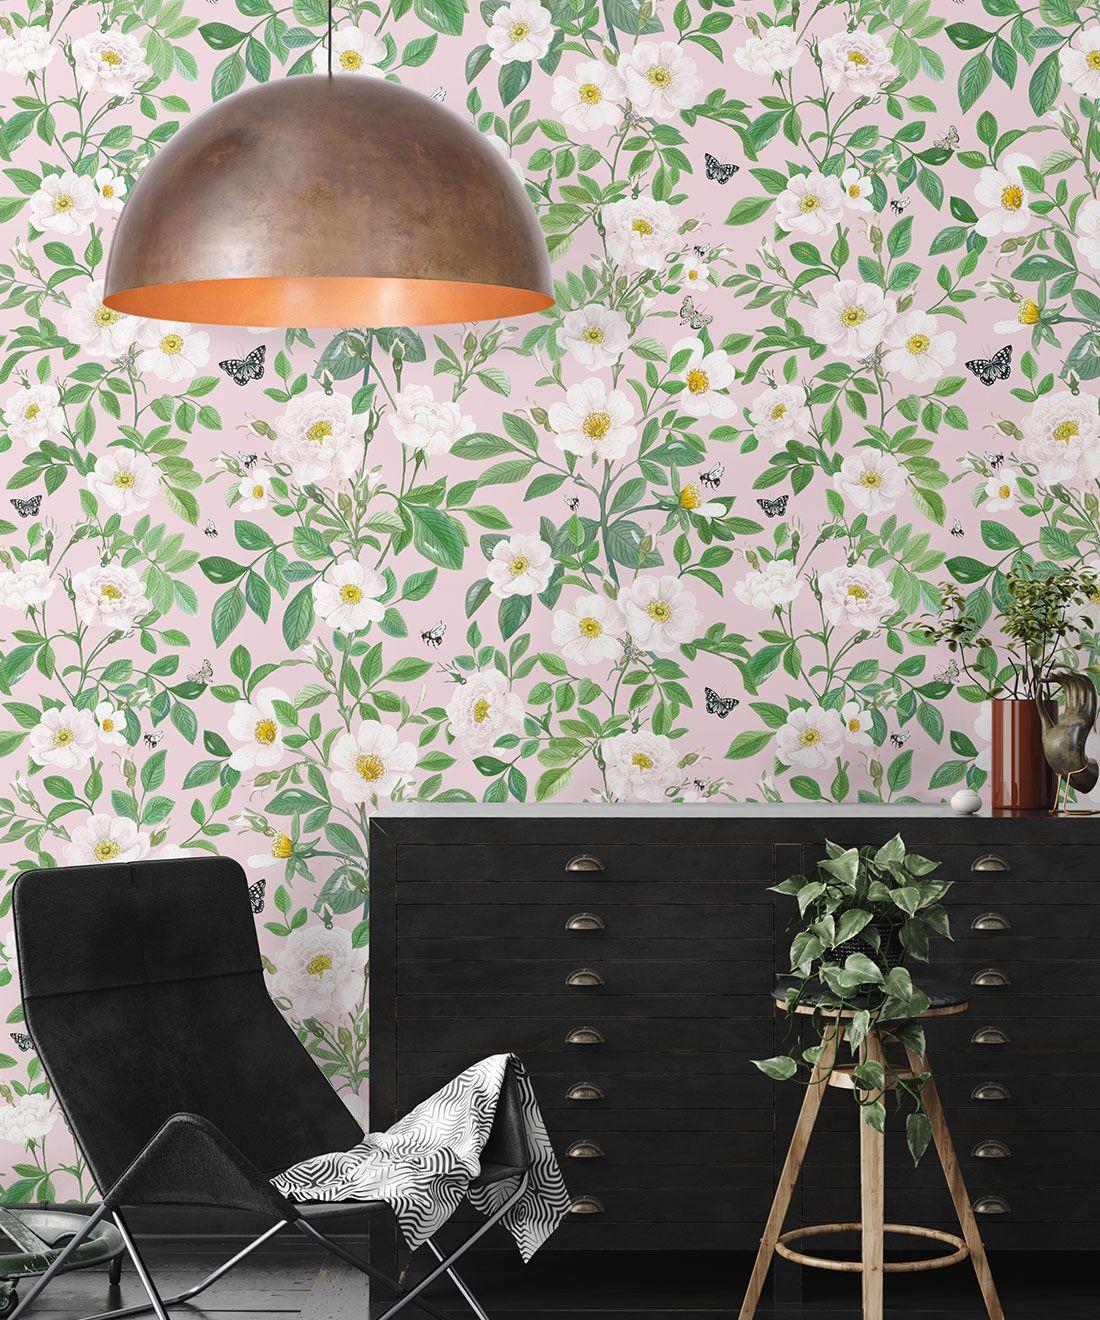 Rosa Wallpaper • Floral Wallpaper • Blush• Insitu